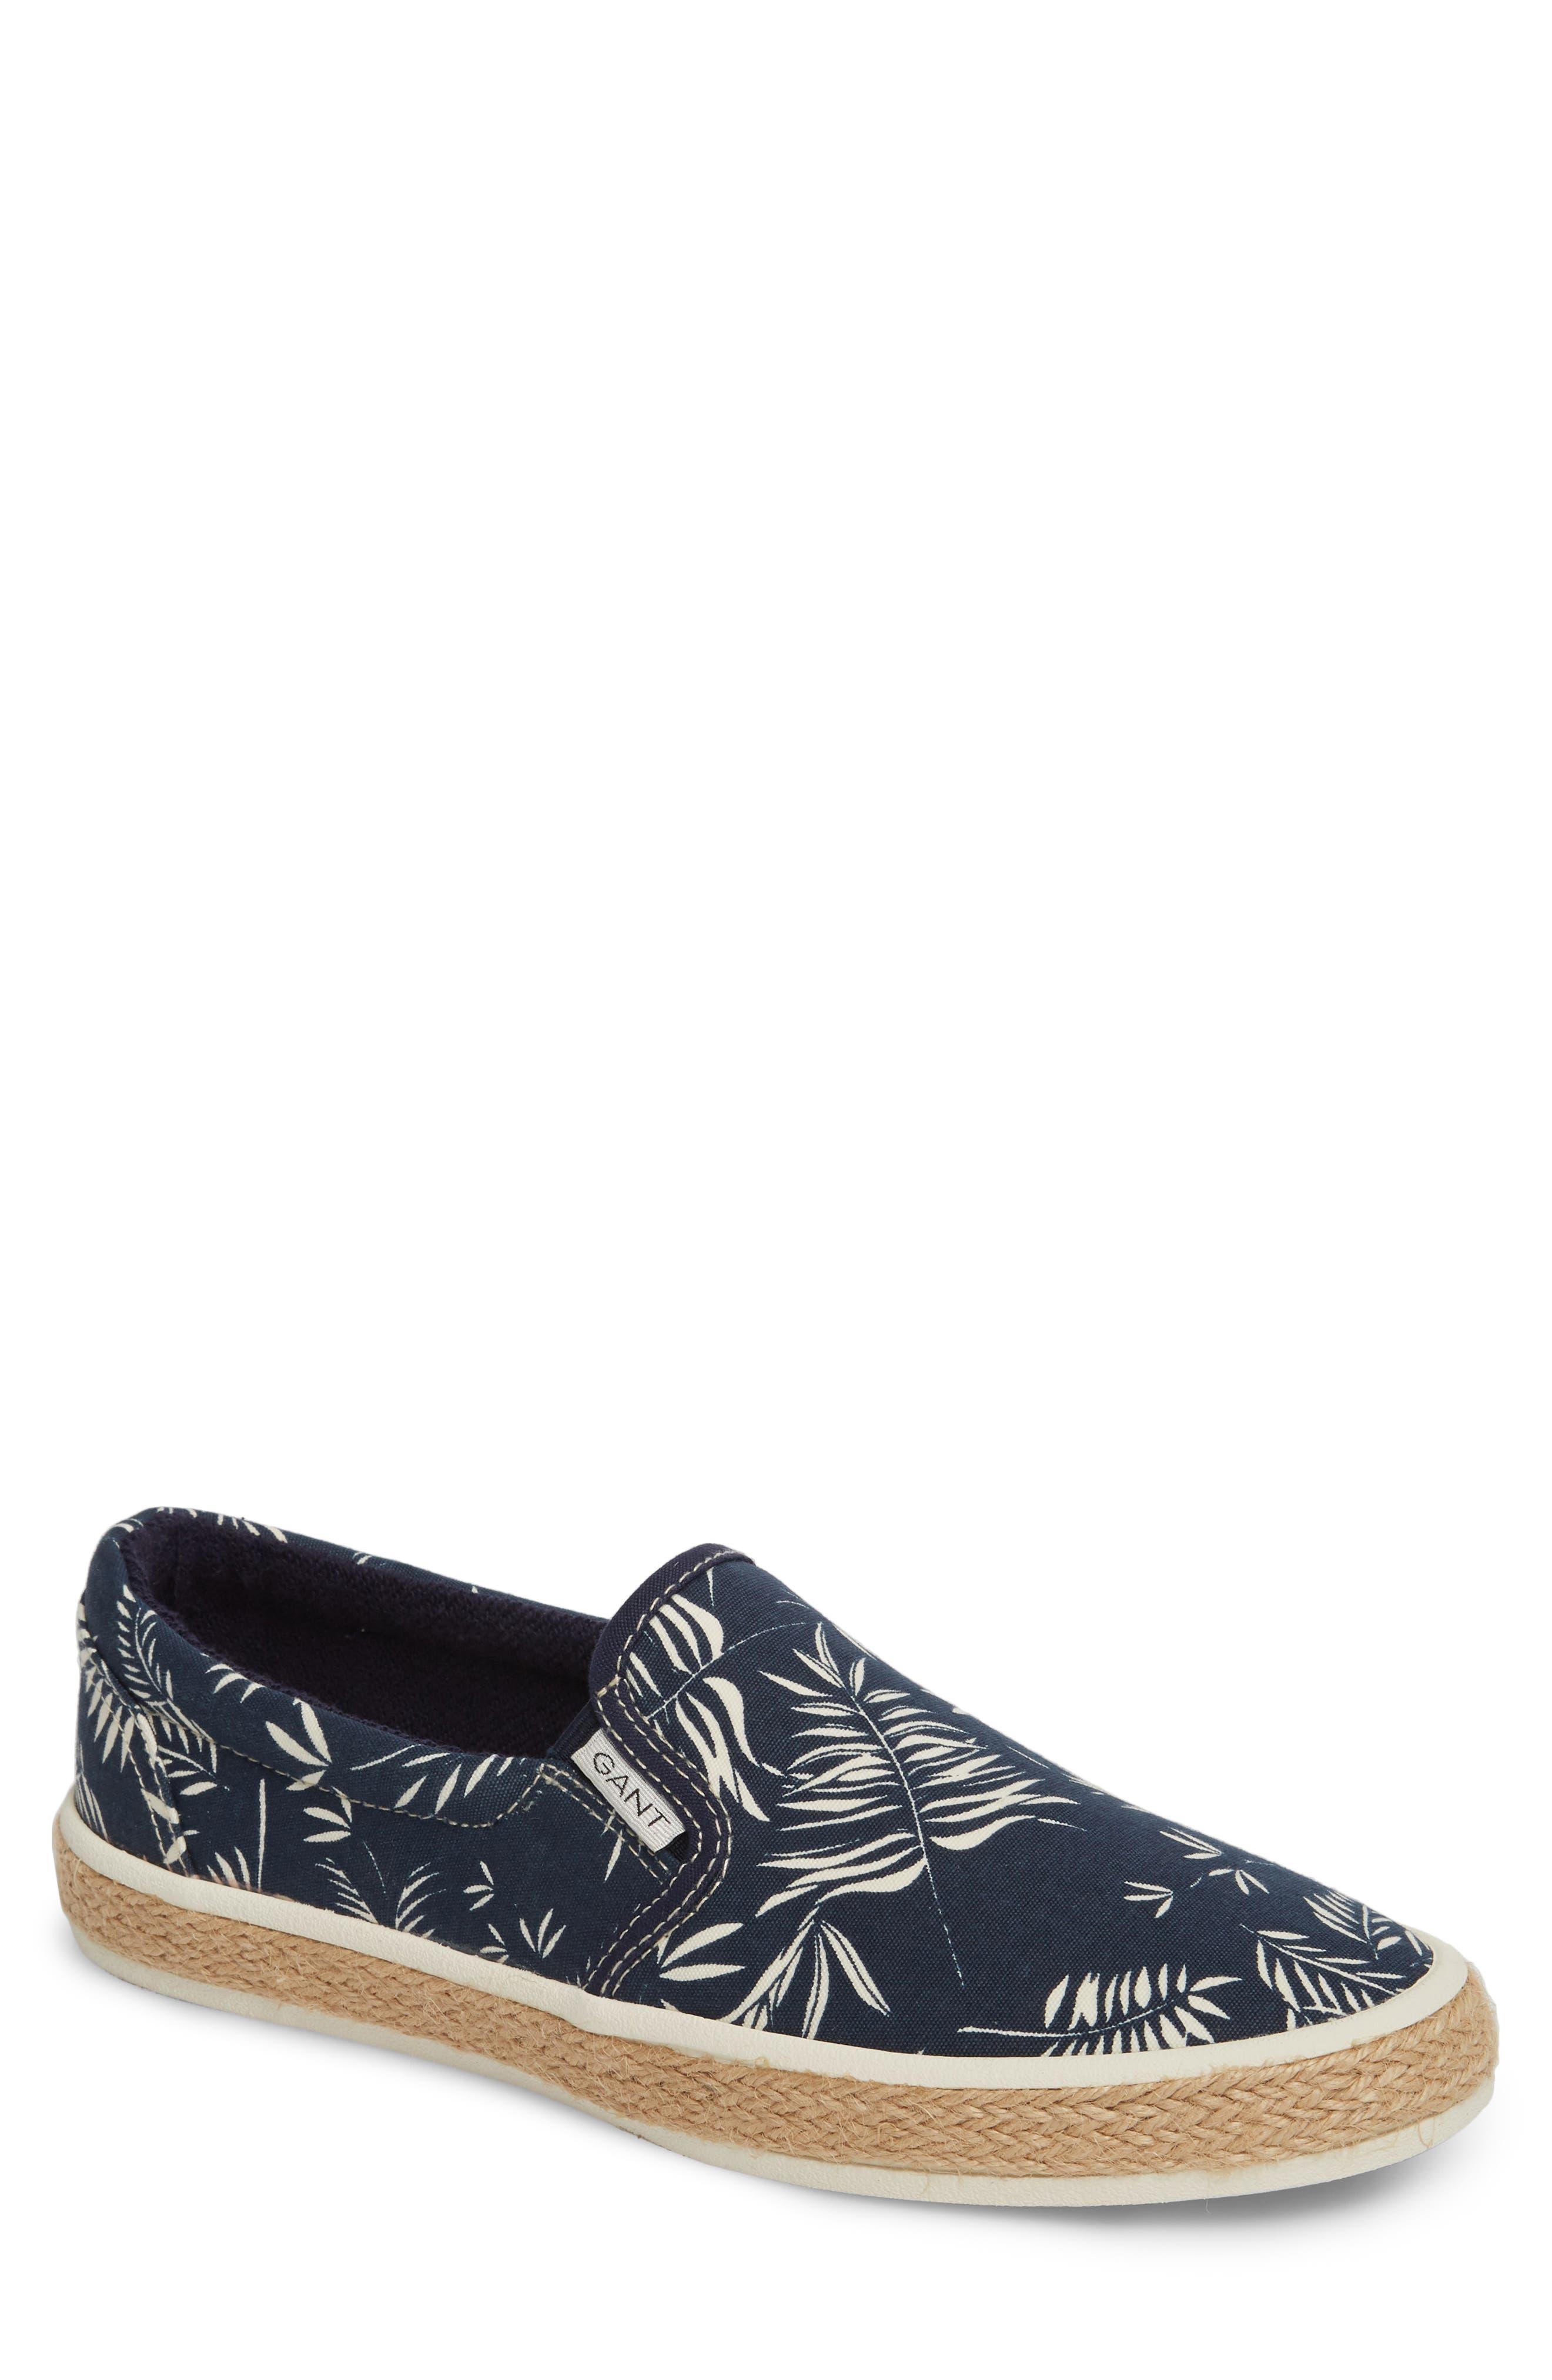 Master Espadrille Slip-On Sneaker,                         Main,                         color, MULTI BLUE